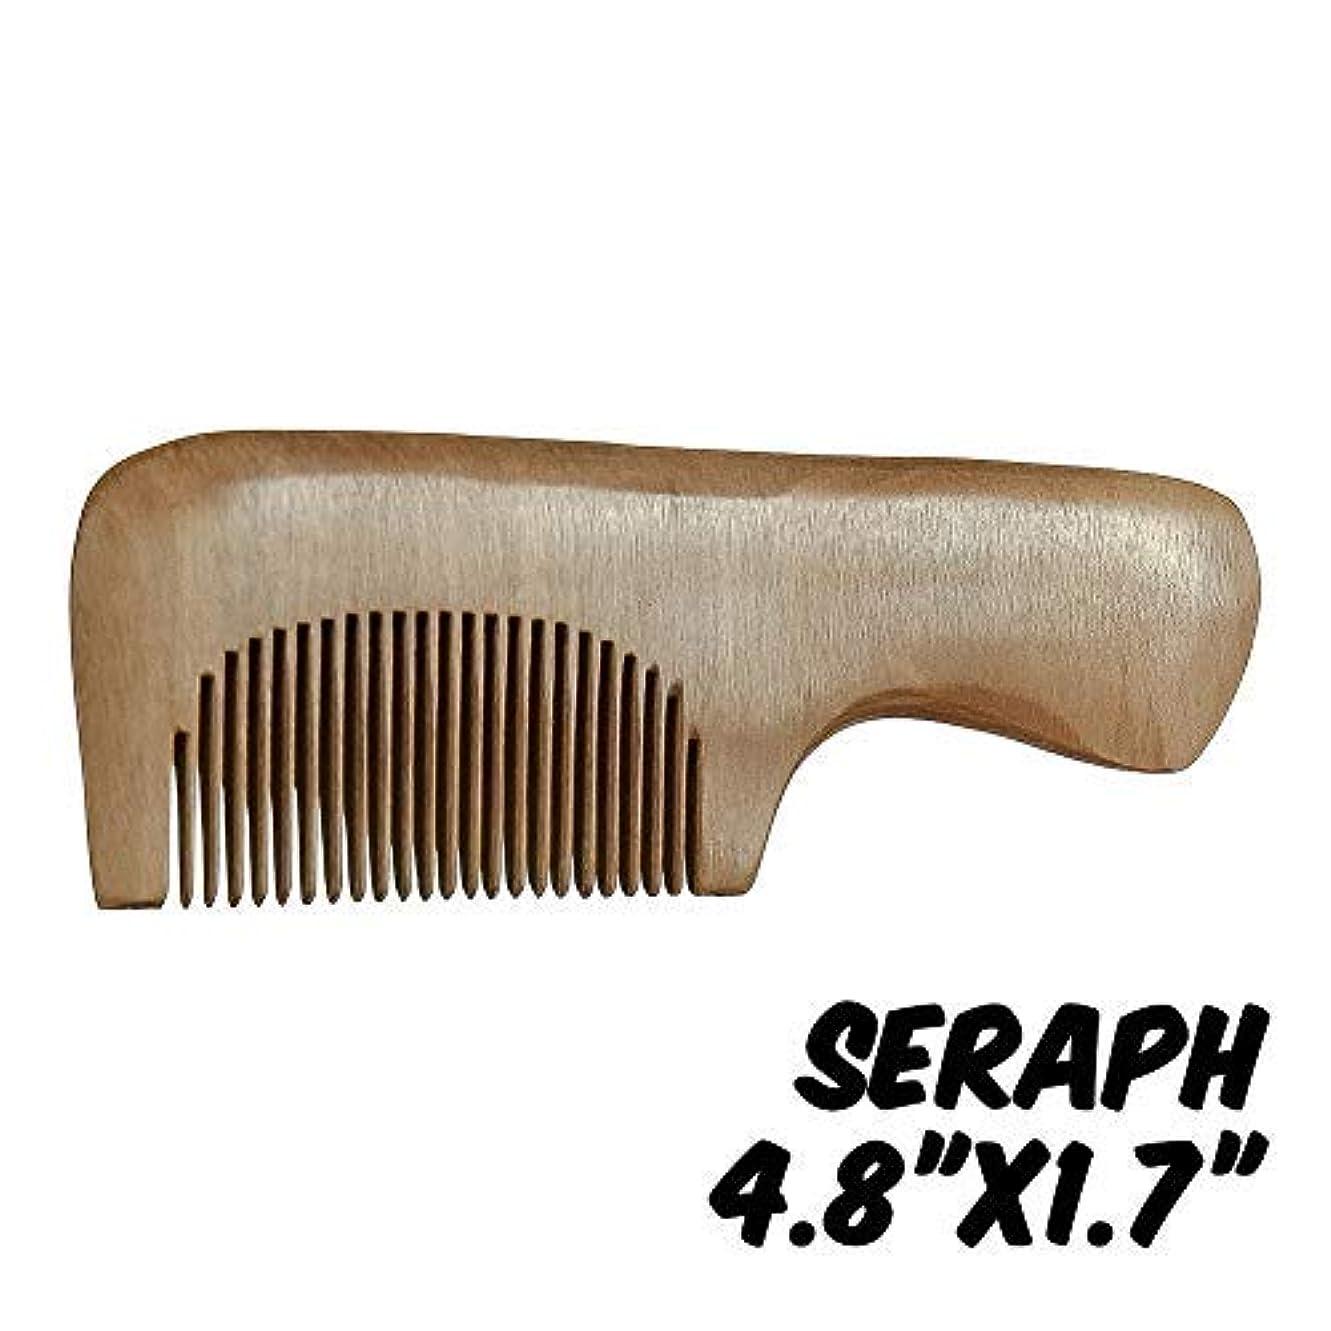 虚偽表面的な正当なMarkin Arts Seraph Series Handmade Natural Organic Indian Lilac Wood Anti-Static Hypoallergenic Pocket Handle...